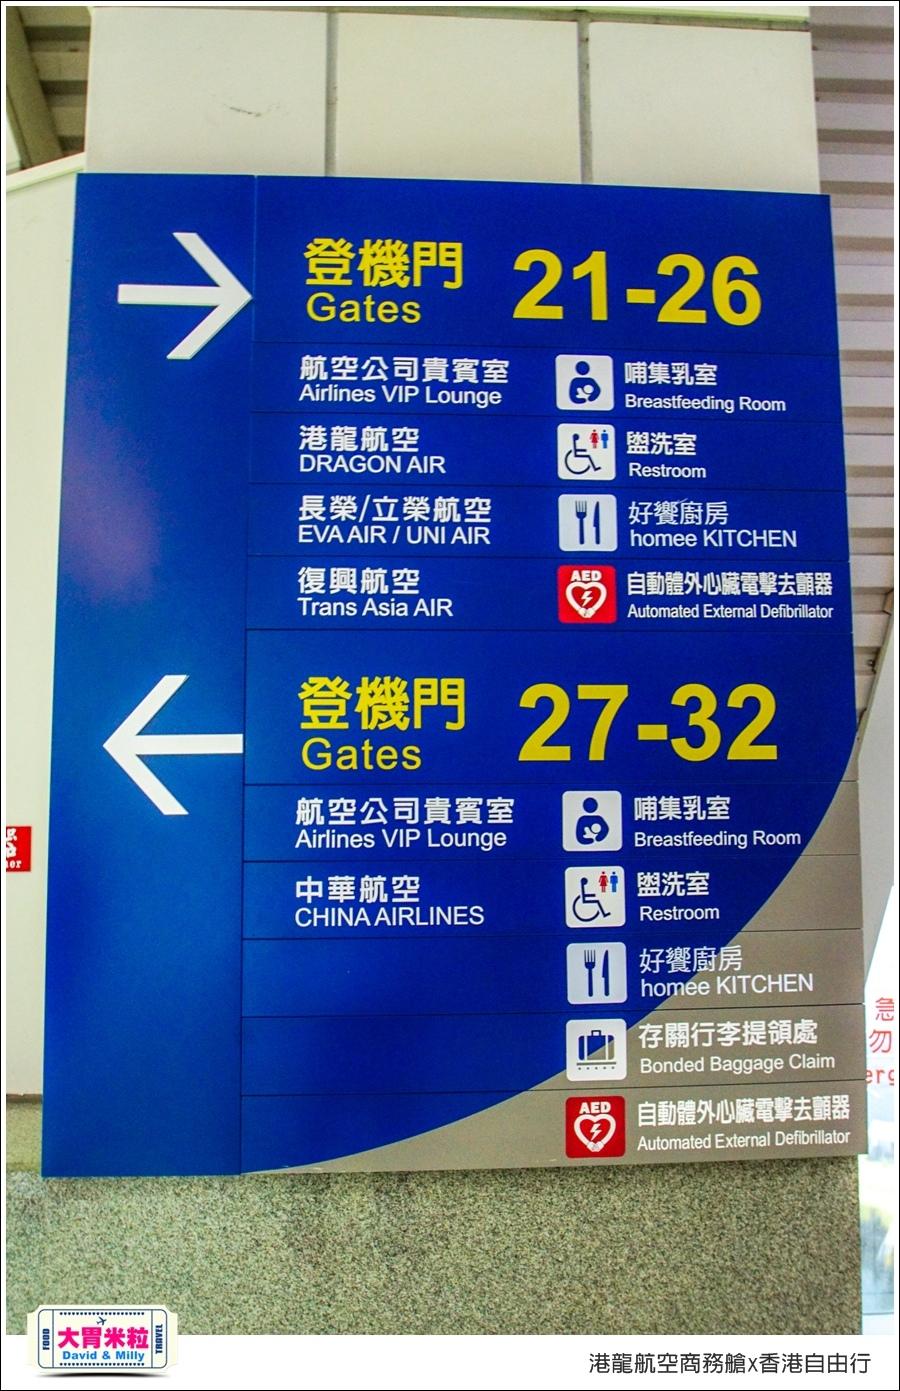 港龍航空商務艙x香港自由行三天兩夜行程推薦@大胃米粒010.jpg